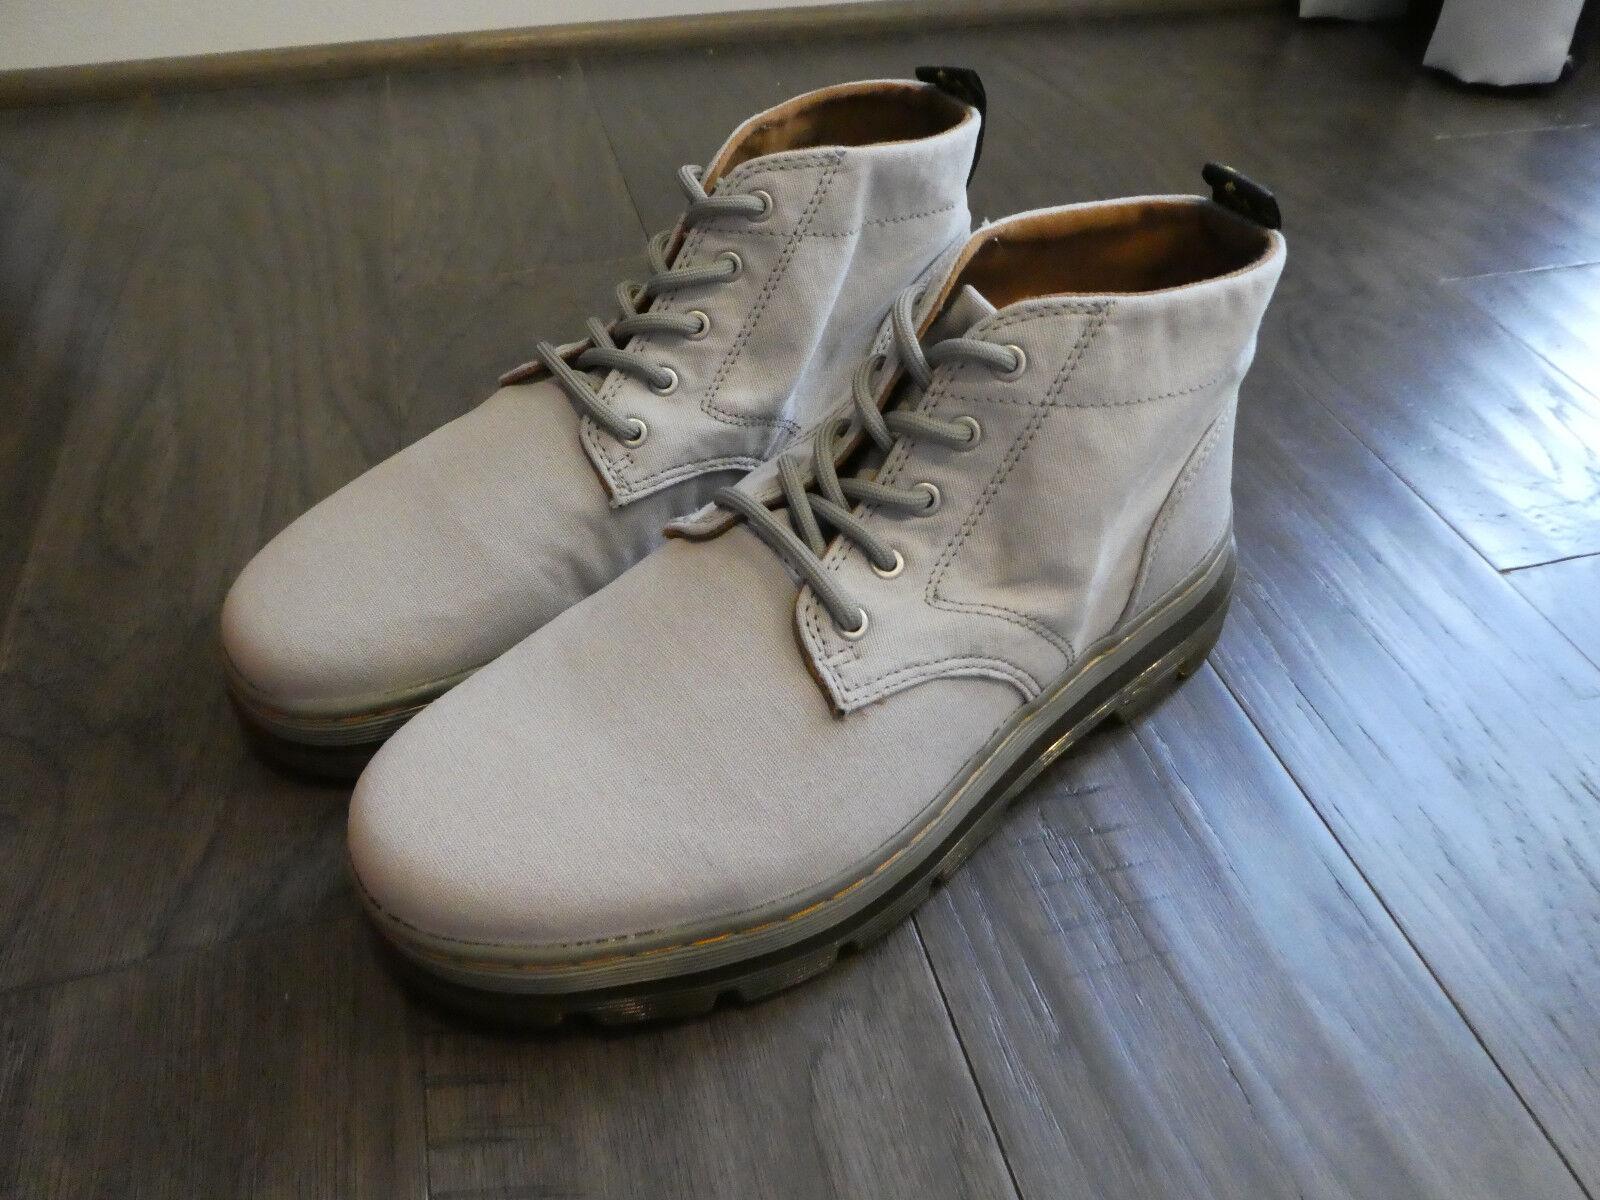 Men's Dr. Martens Bonny Canvas Mid Grey boots 2205353 new